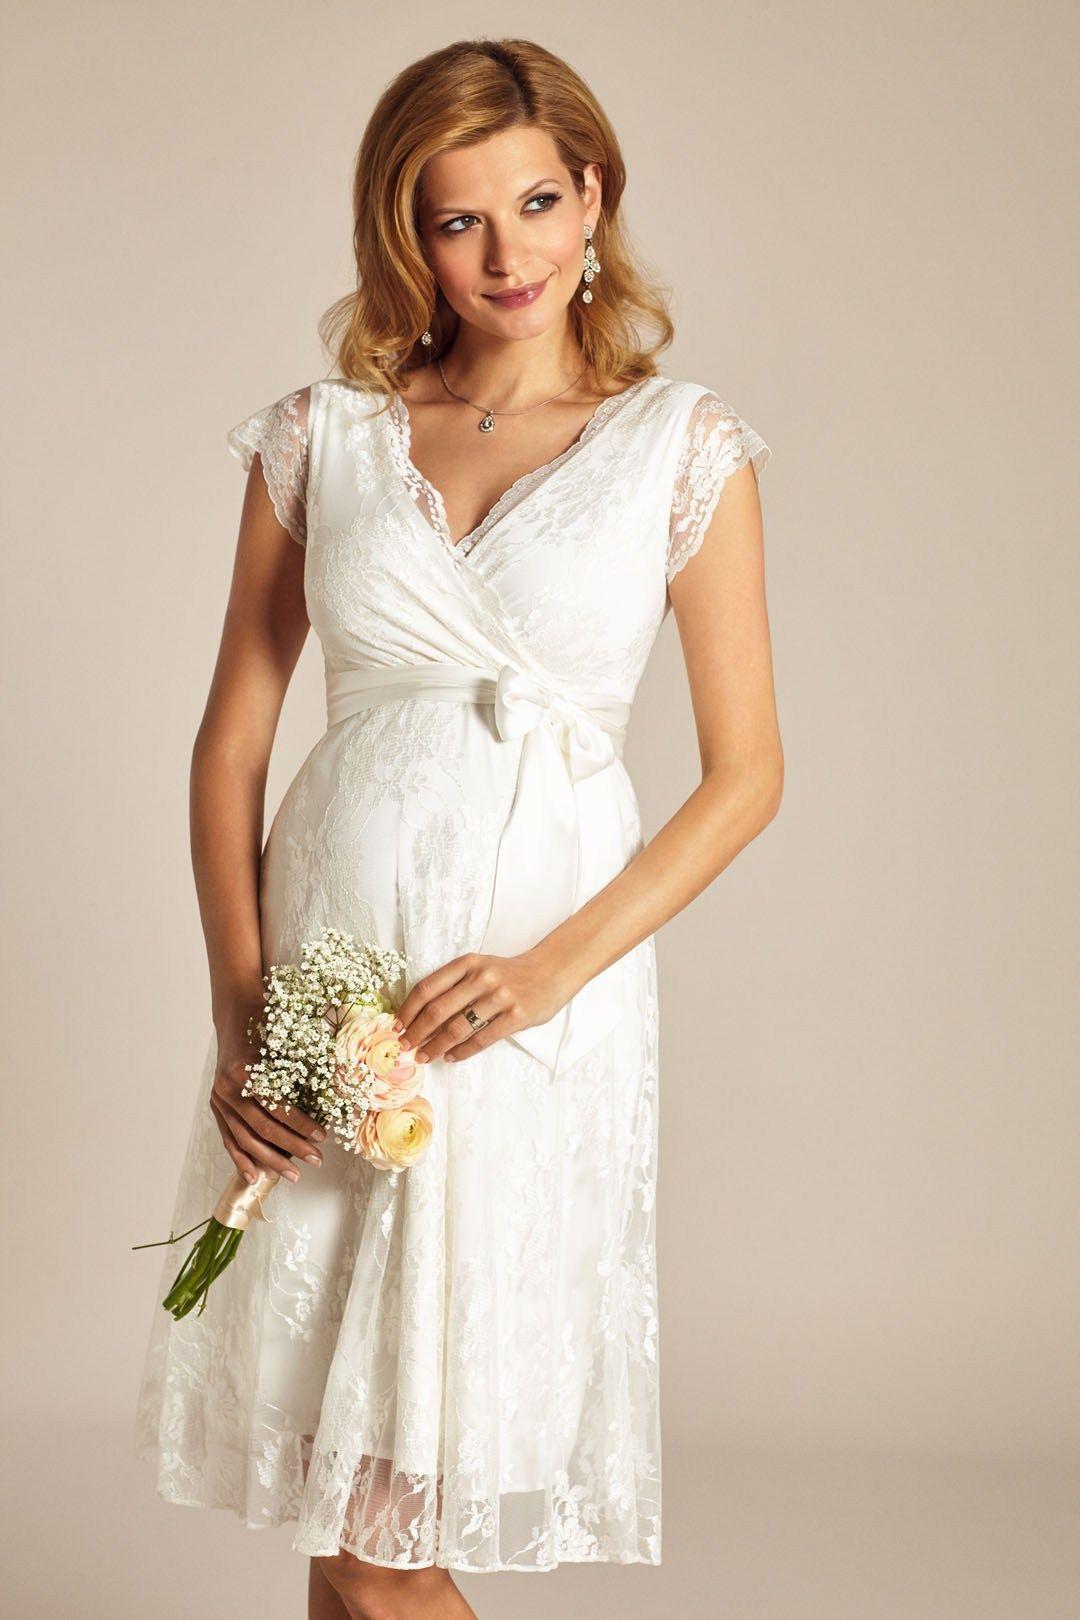 Brautkleider für Schwangere von Boesckens Erkelenz | Brautkleider ...